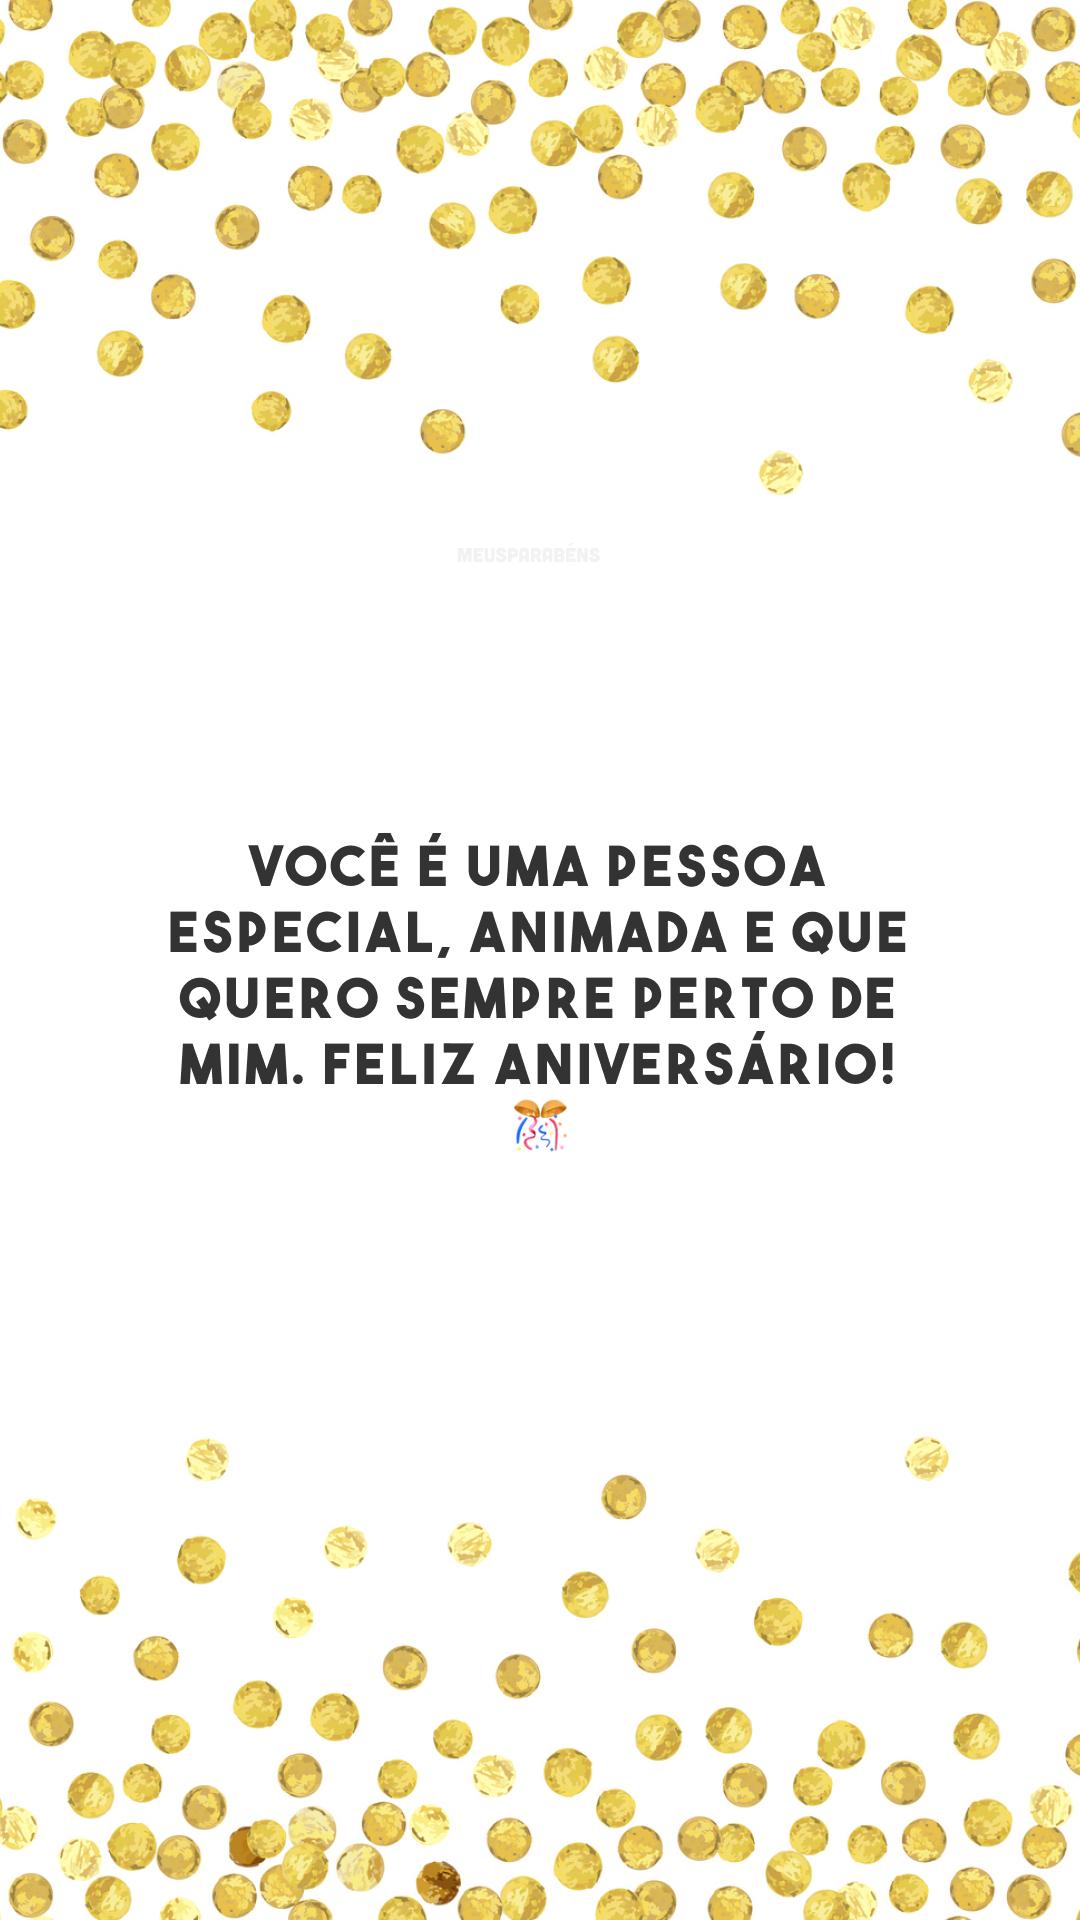 Você é uma pessoa especial, animada e que quero sempre perto de mim. Feliz aniversário! 🎊